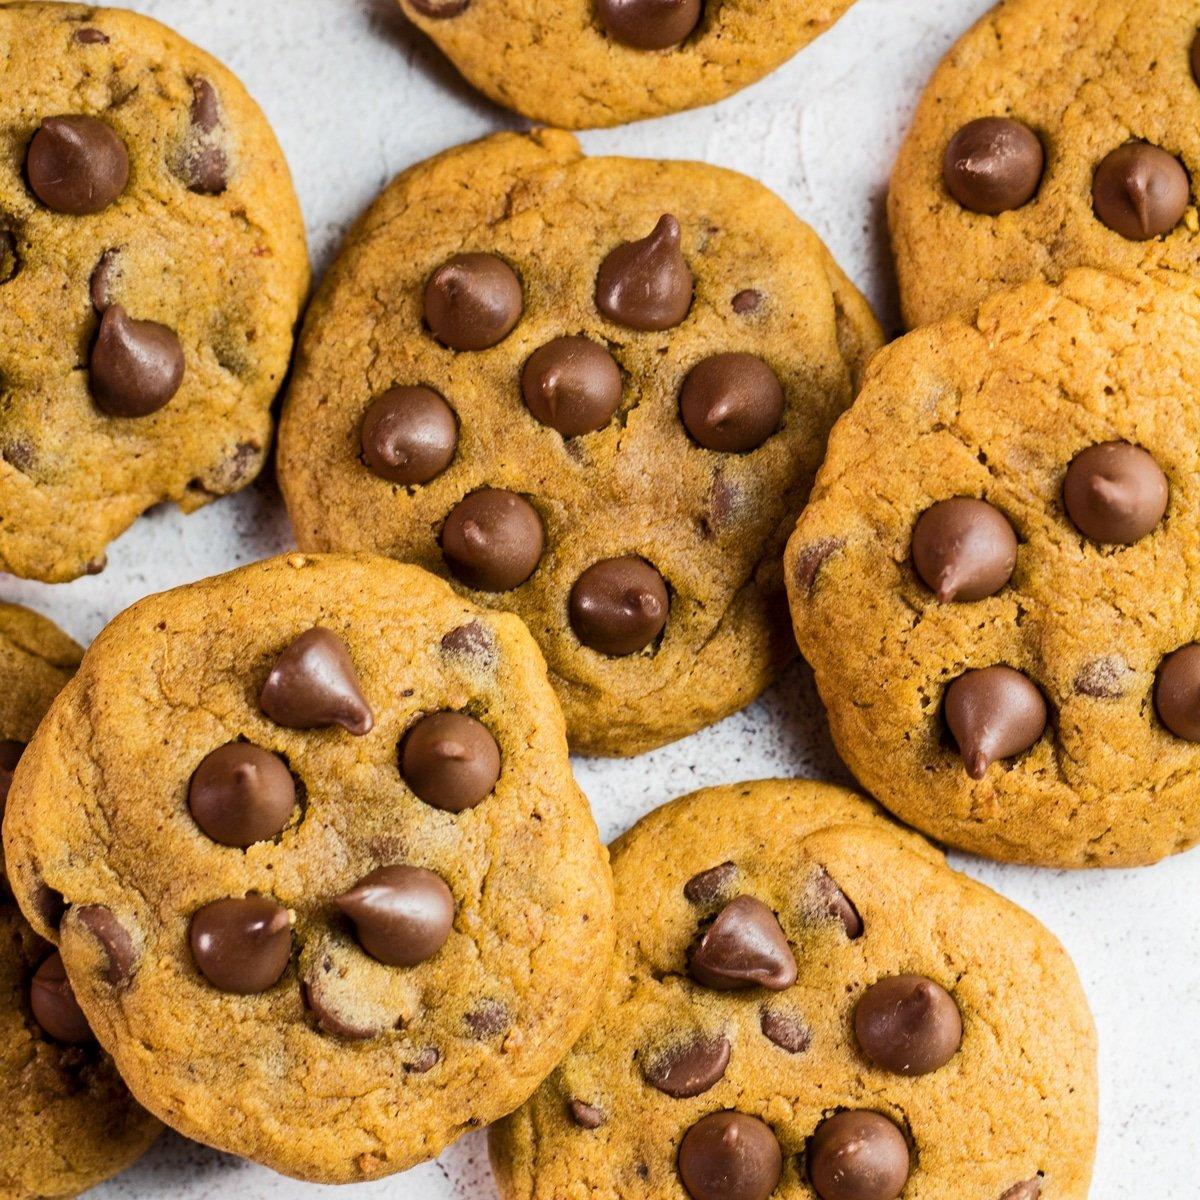 Velký čtvercový obraz nad hlavou z dýňových čokoládových sušenek.